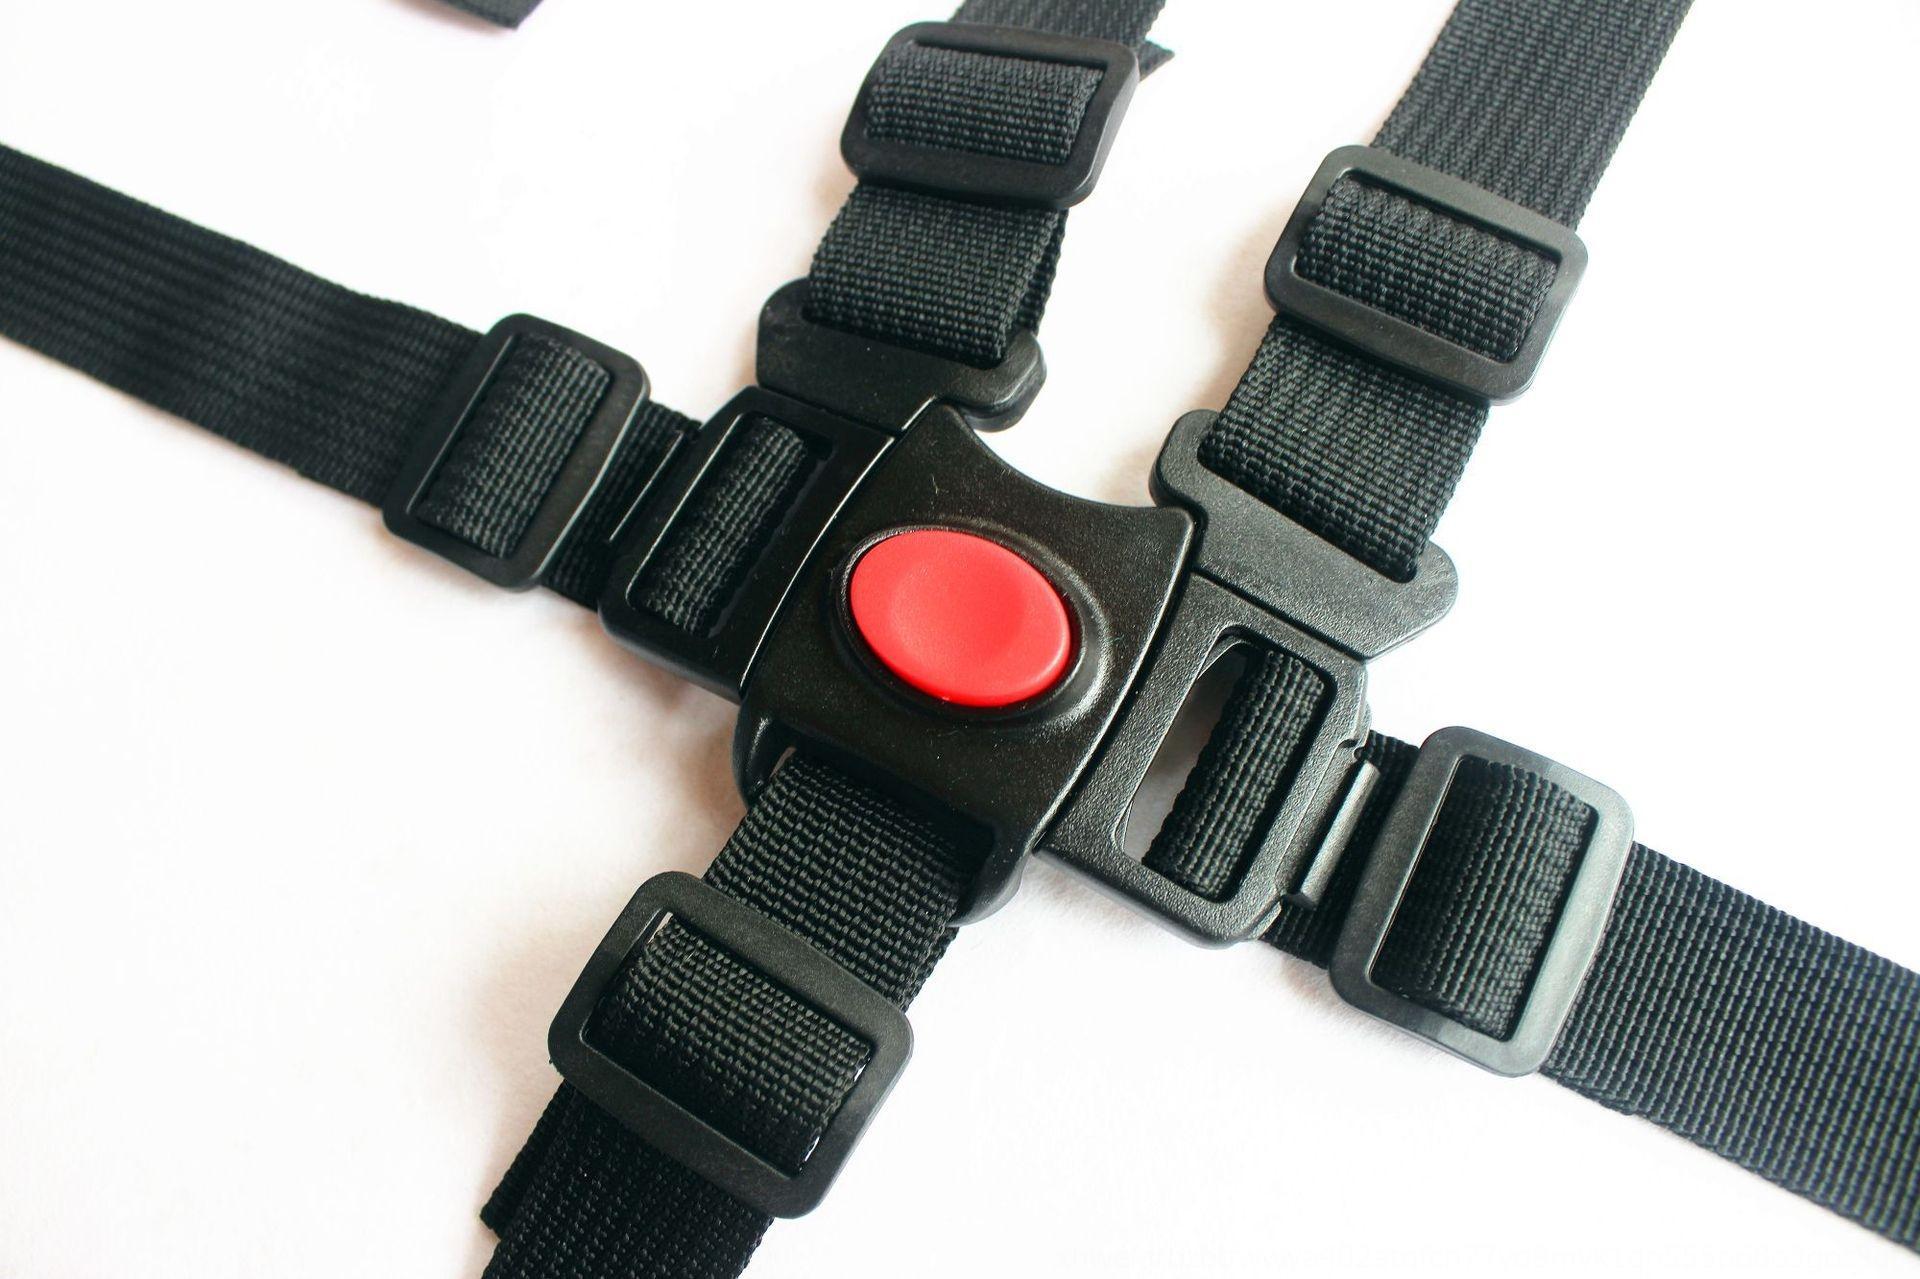 Accessoires 5 points 3 points chaise à manger pour les enfants ceinture accessoires bébé fixe poussette fessière ceinture de sécurité